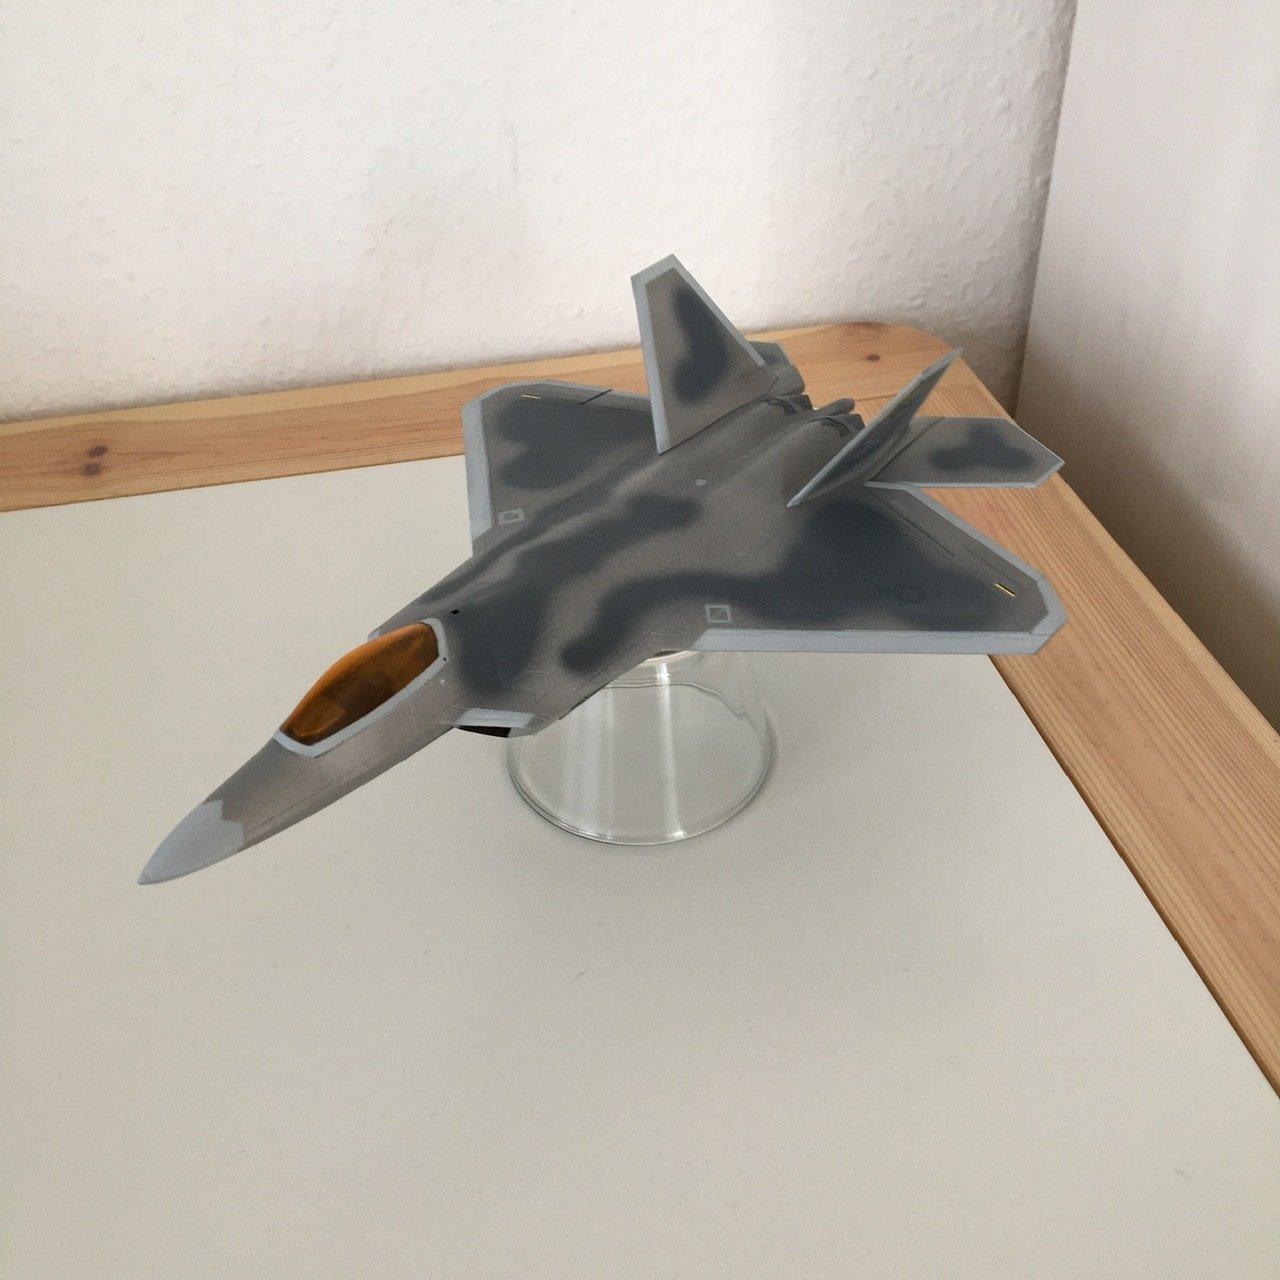 F-22.jpeg.0169df5f5daabc3106a08771f79ec2d3.jpeg